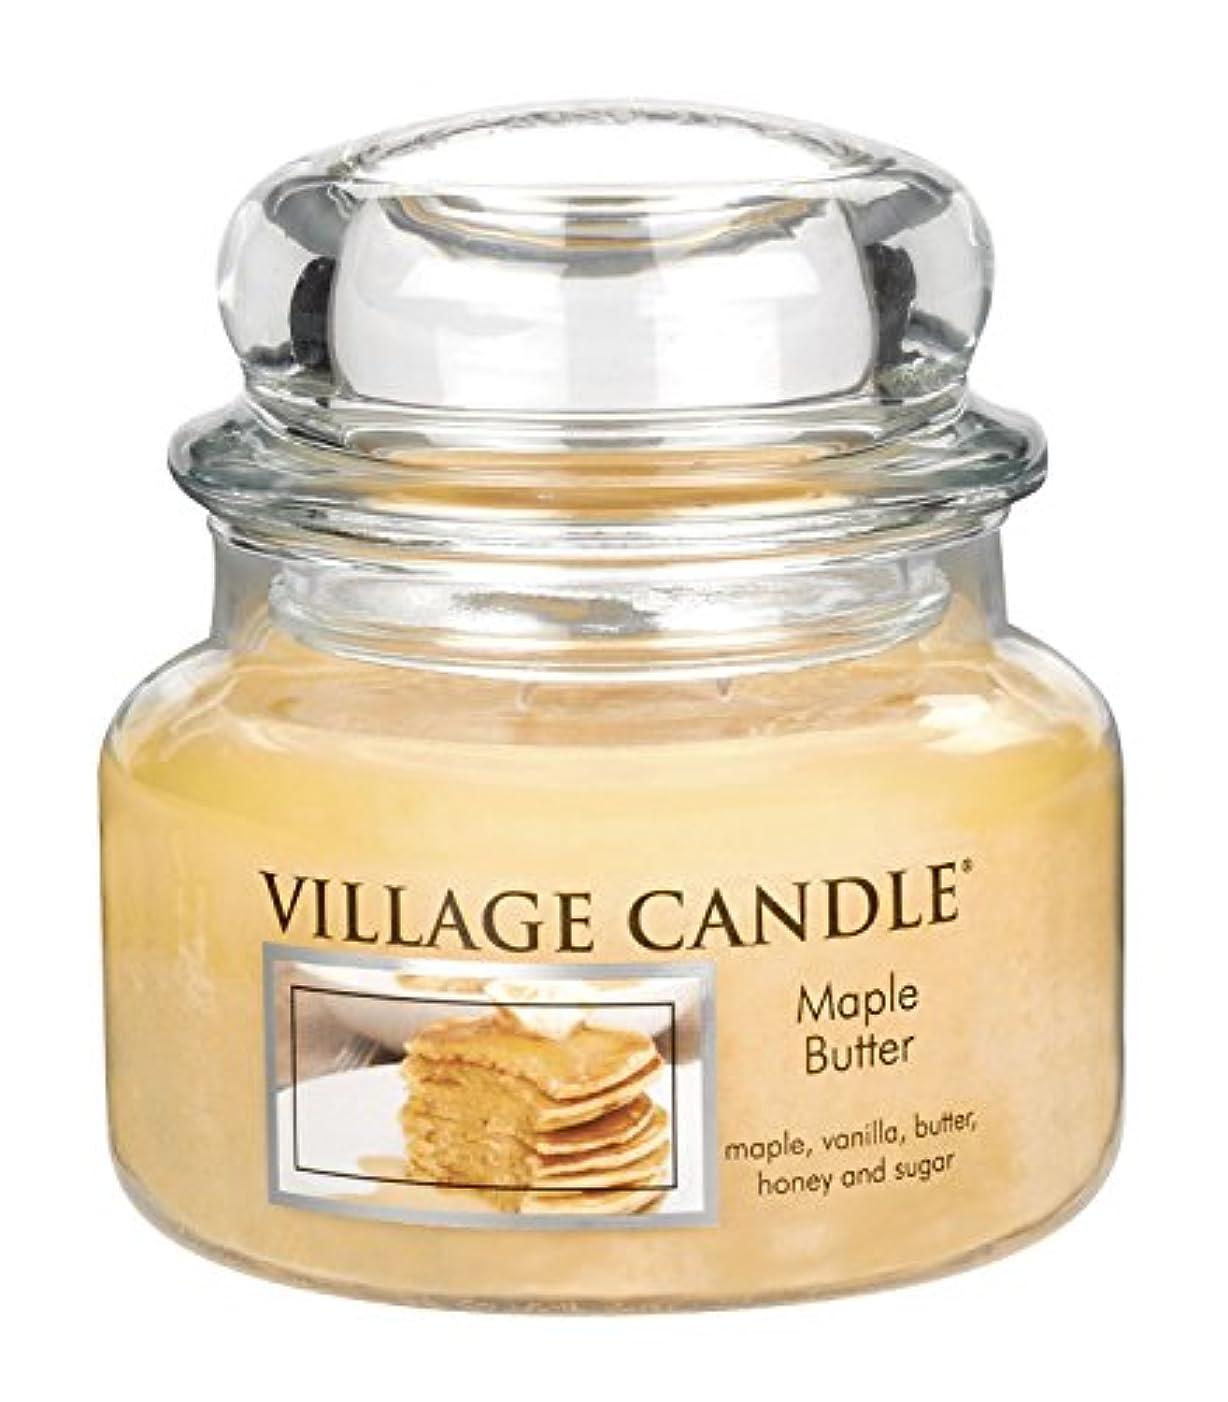 規制する時効能あるVillage Candle Maple Butter 11 oz Glass Jar Scented Candle, Small [並行輸入品]